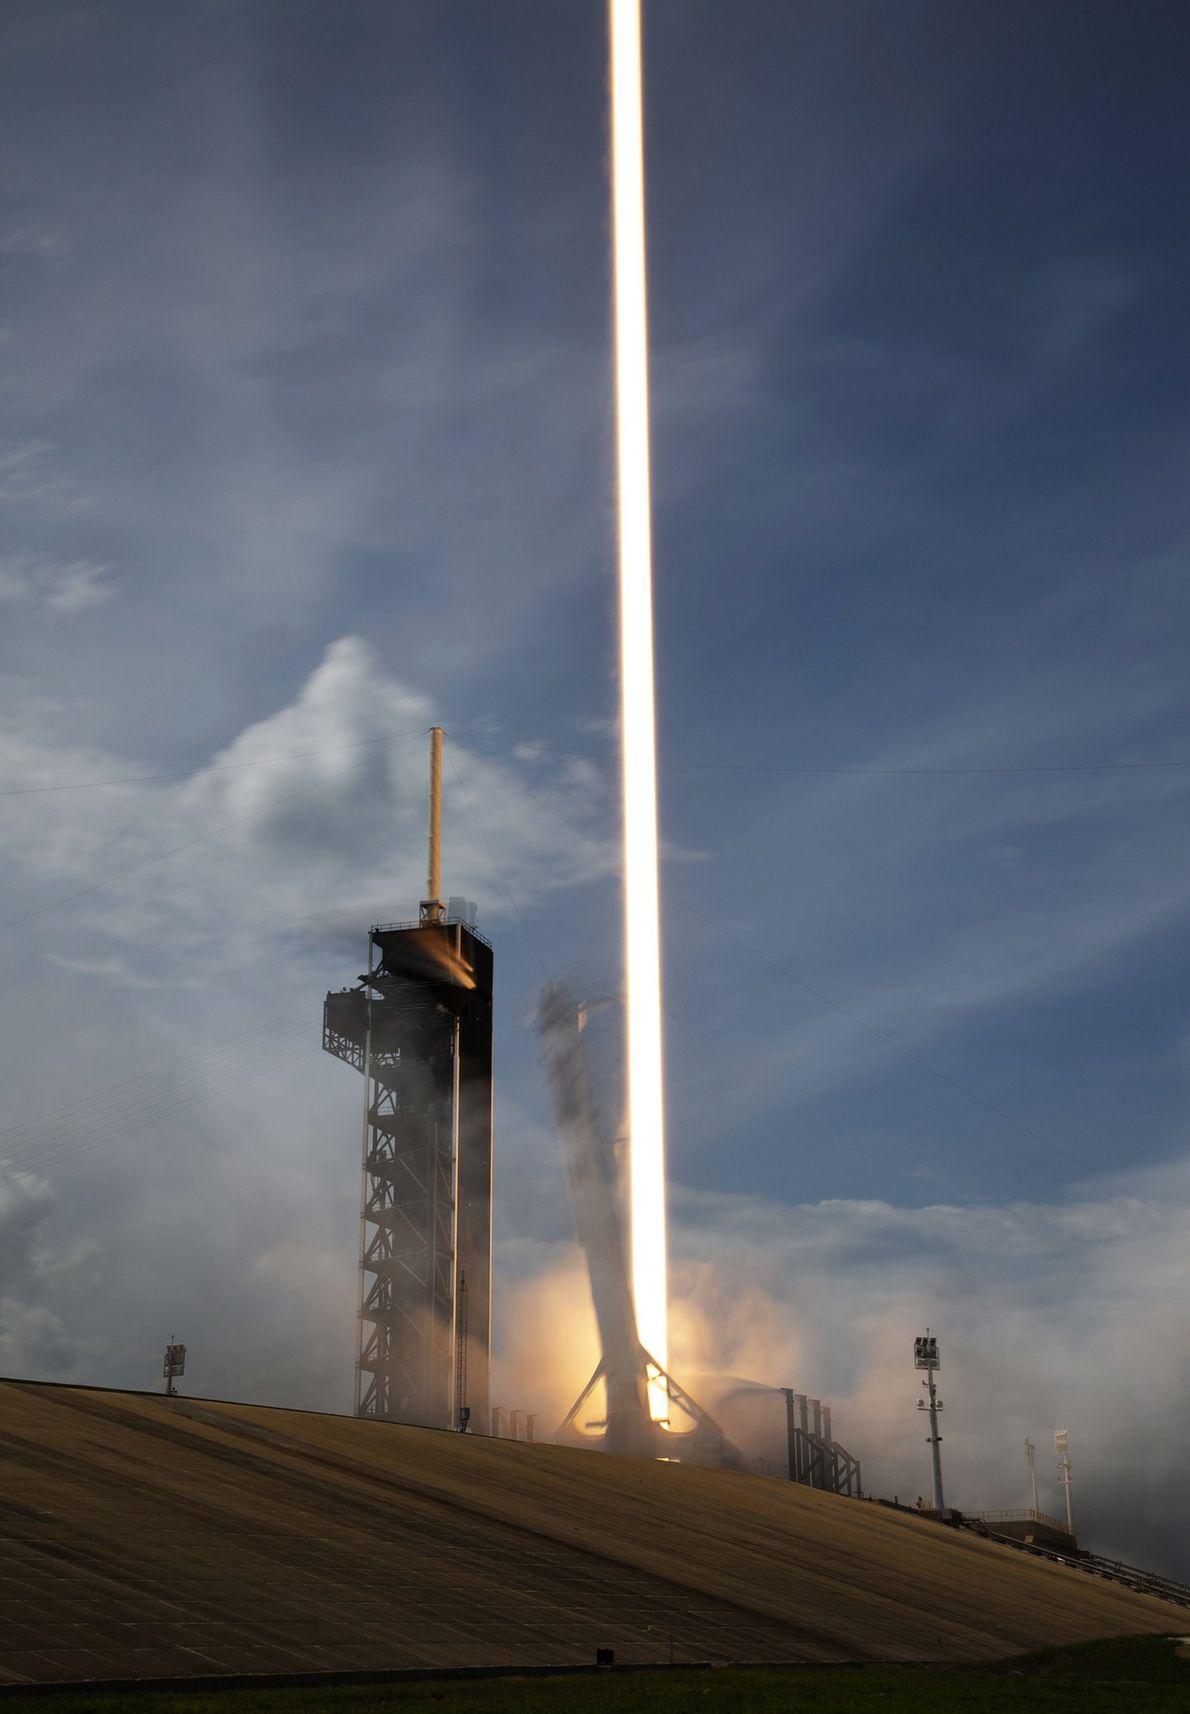 Uma exposição de 15 segundos capta a queima dos nove motores do foguetão Falcon 9 da ...